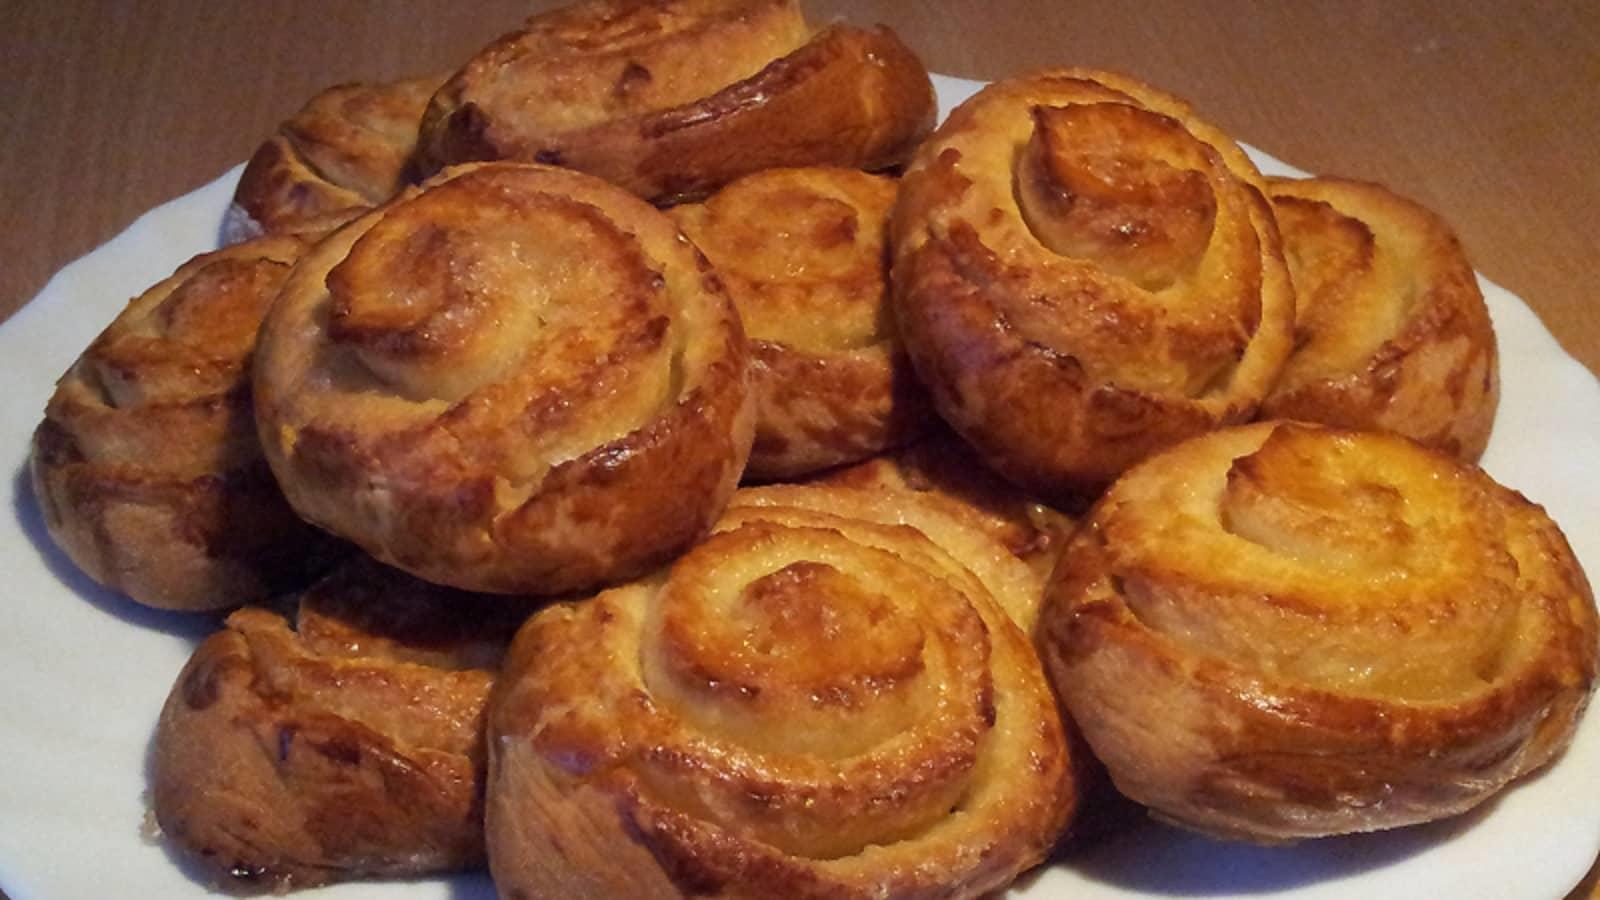 Рецепт сахарных булочек довольно прост, вы можете приготовить их вместе со своими детьми